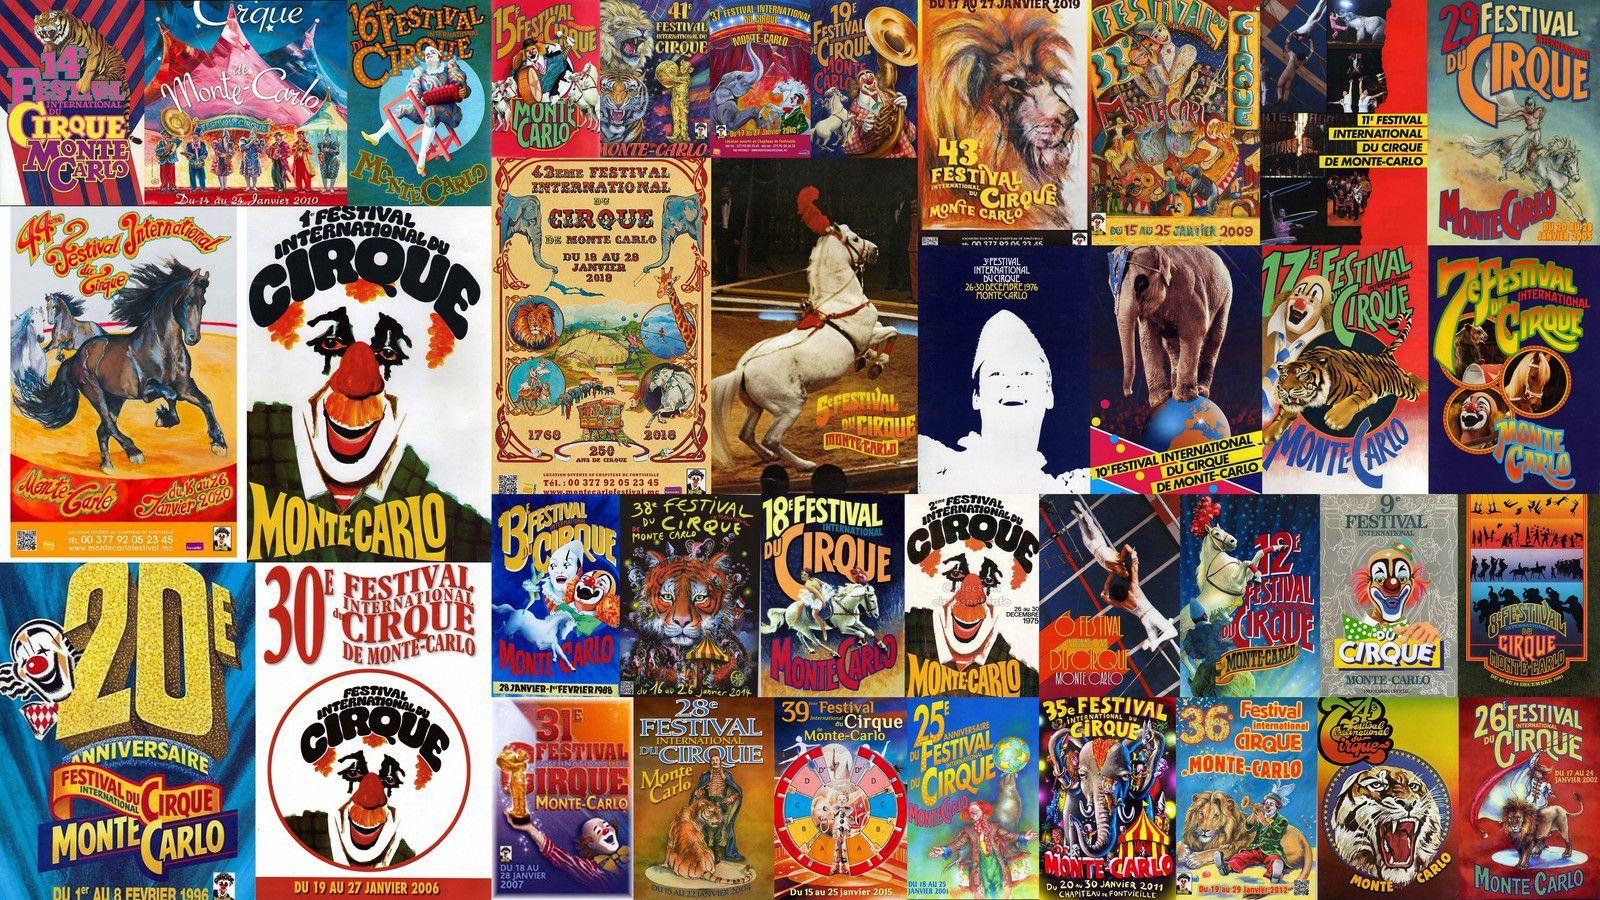 Les Visuels du Festival International du Cirque de Monte Carlo